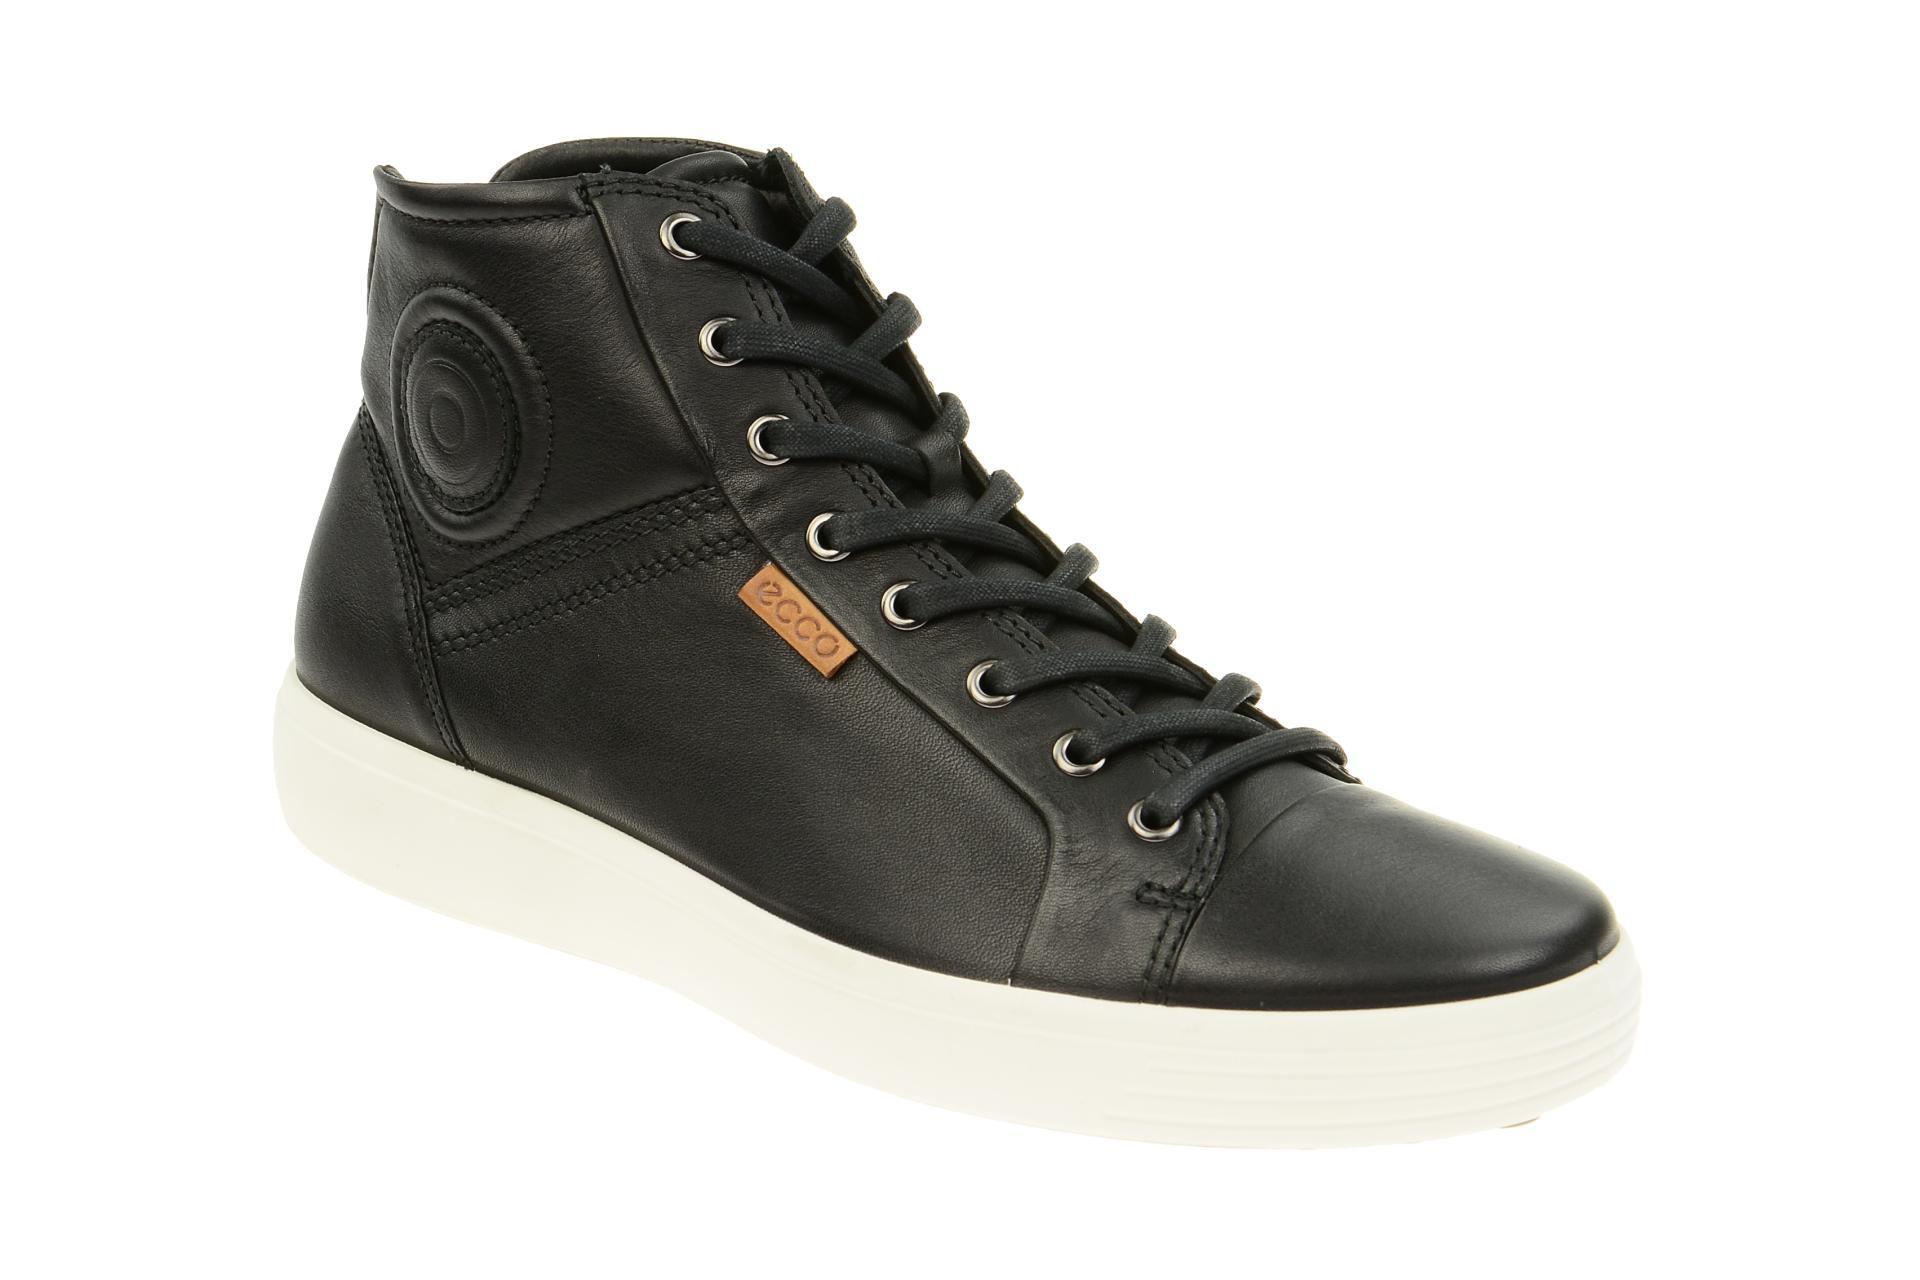 6ca23d3d77dbf6 Ecco Soft 7 Stiefel schwarz Herren Sneaker - Schuhhaus Strauch Shop